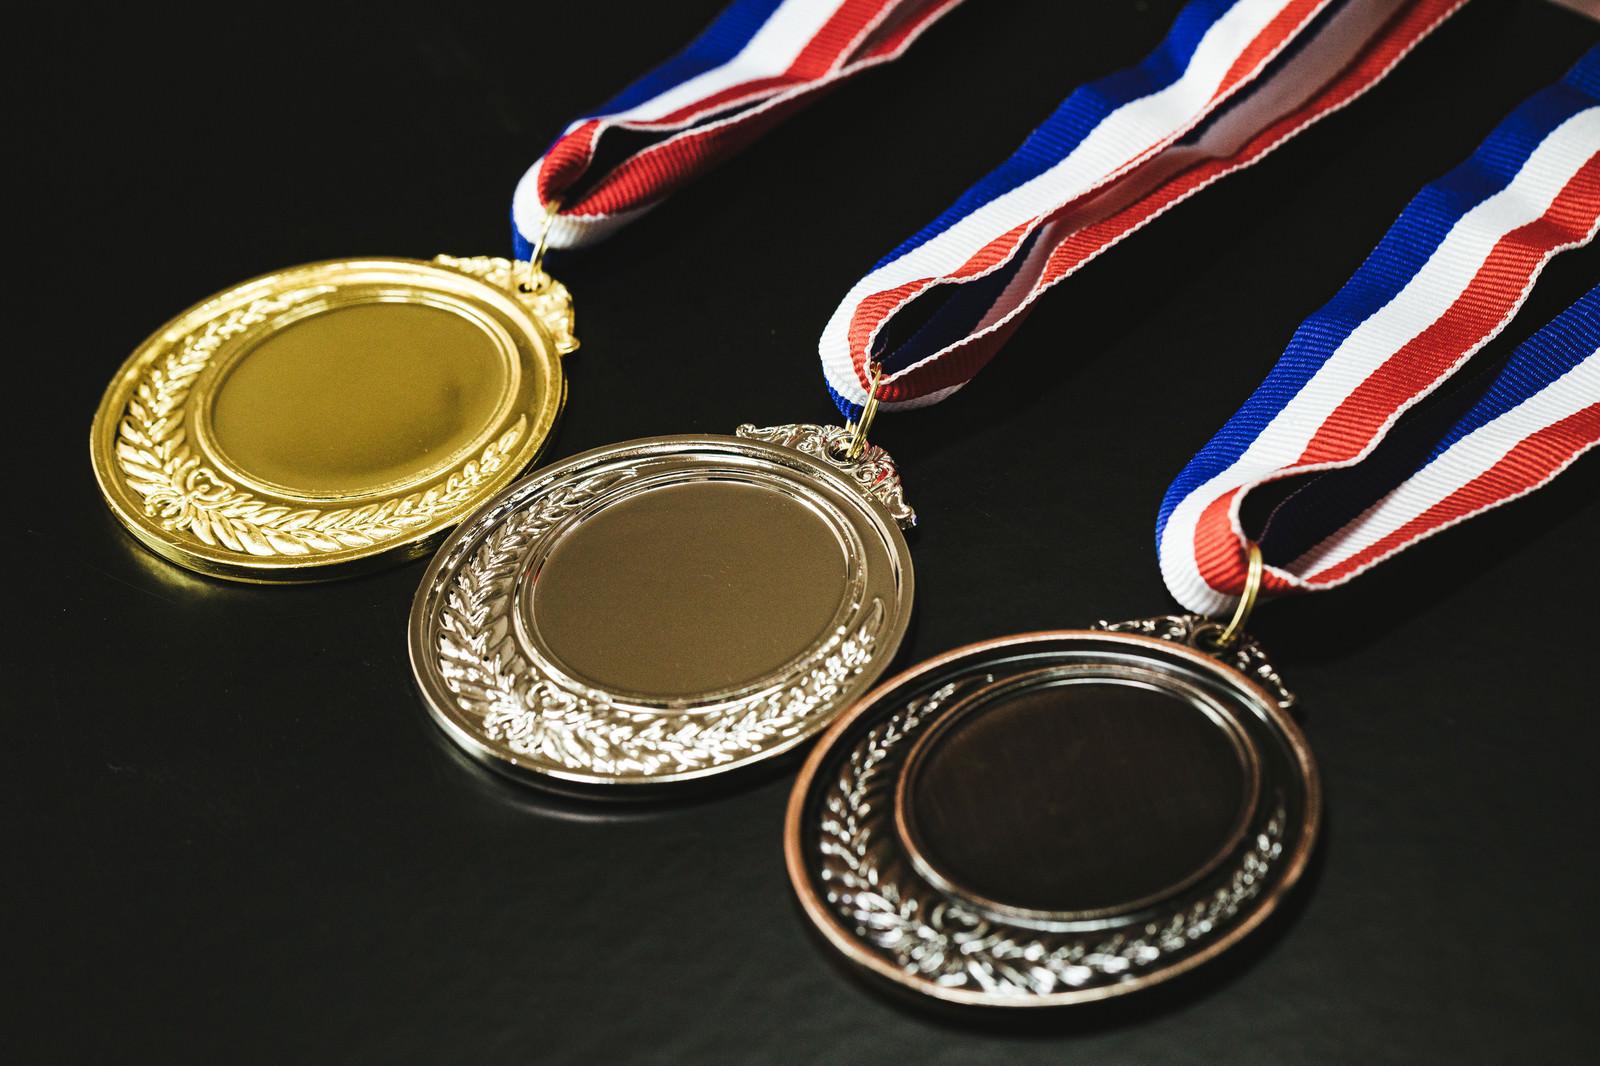 https://www.pakutaso.com/shared/img/thumb/medal1665_TP_V.jpg